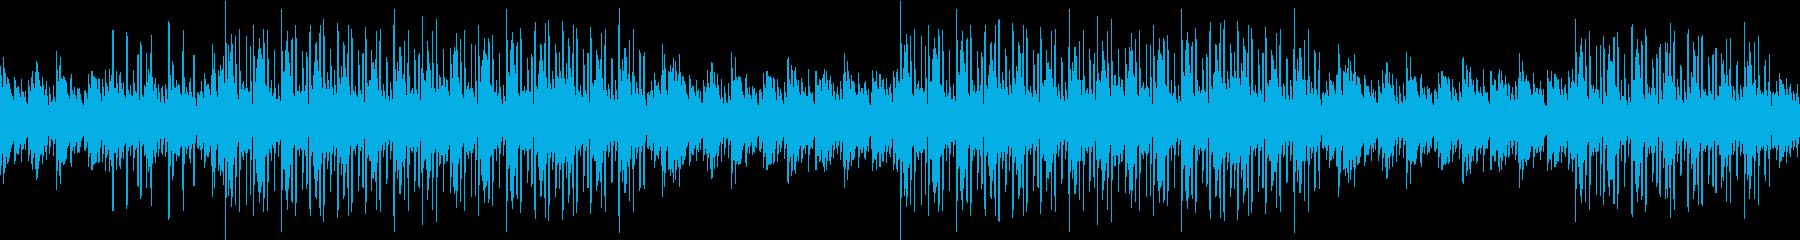 ピアノ・別れ・感動・切ない・エモ・ループの再生済みの波形